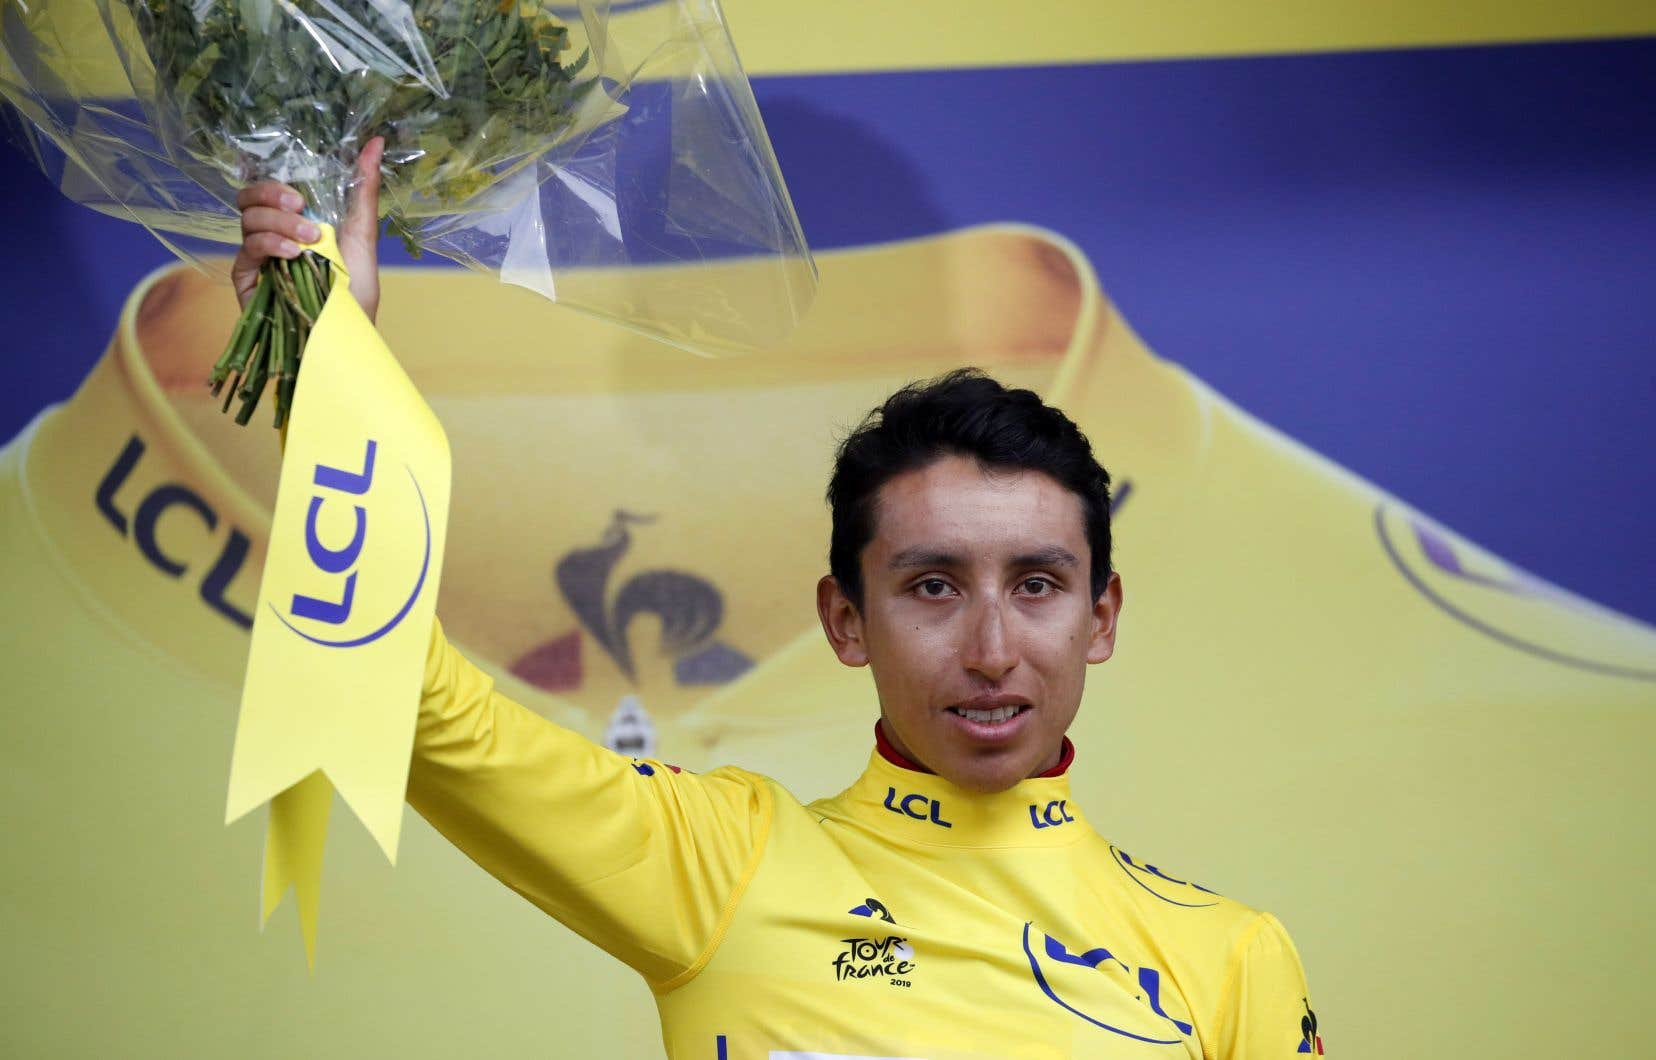 Aucun coureur n'a été déclaré vainqueur de la 19e étape ce dimanche, maisEgan Bernal est bien parti pour devenir le premier Colombien vainqueur du Tour de France.